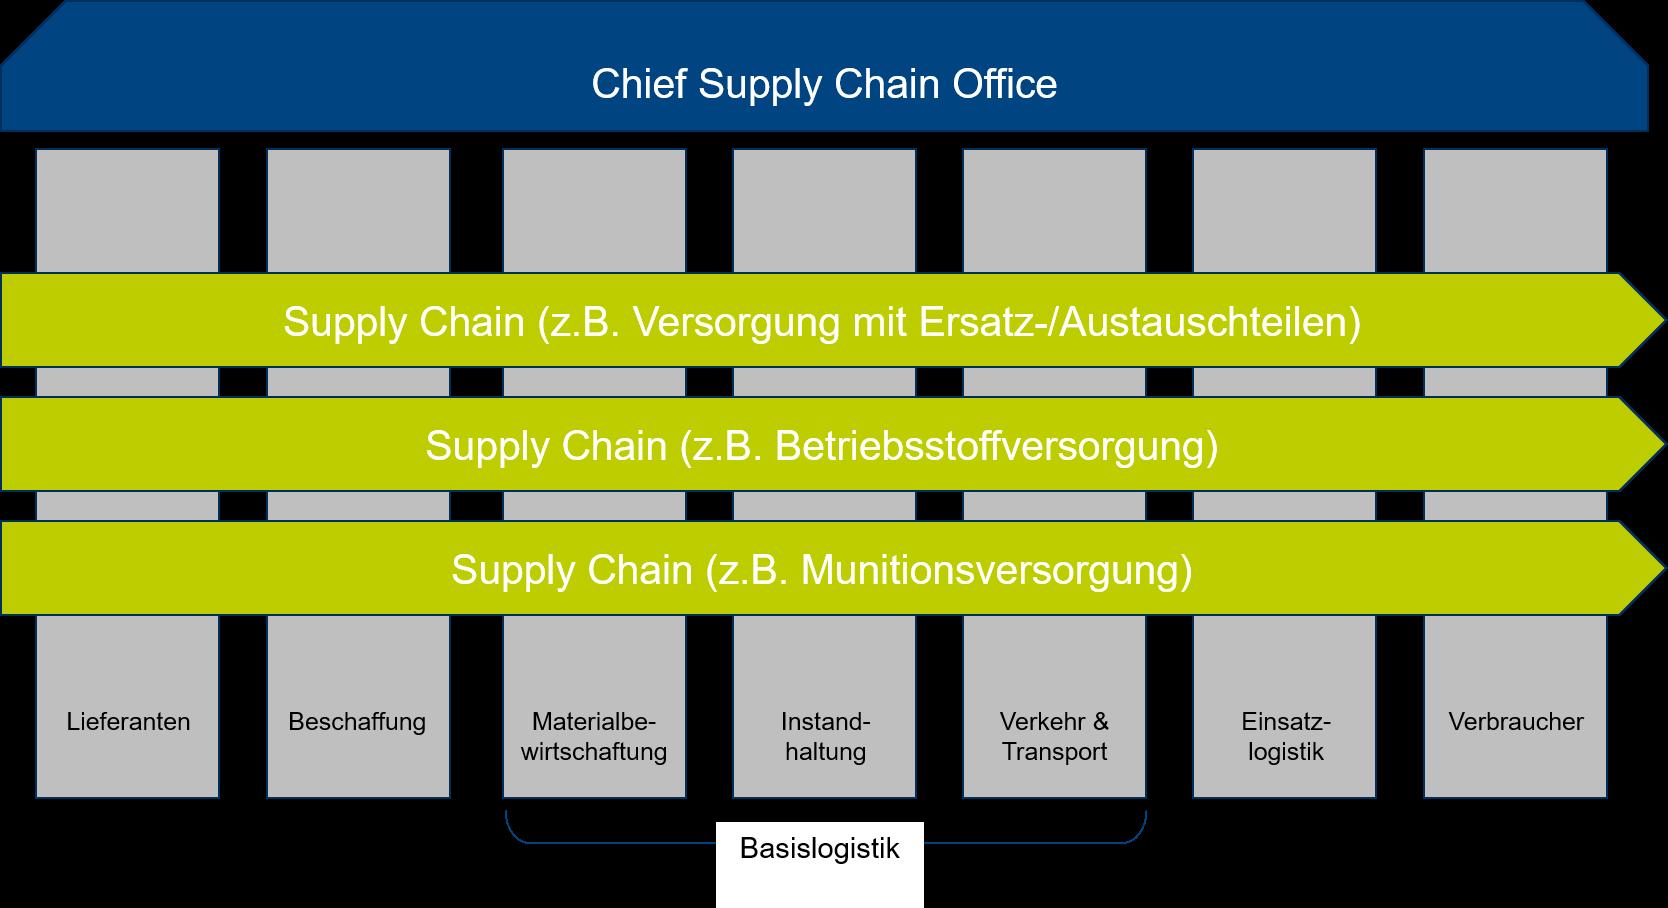 ChiefSupplyChainOffice